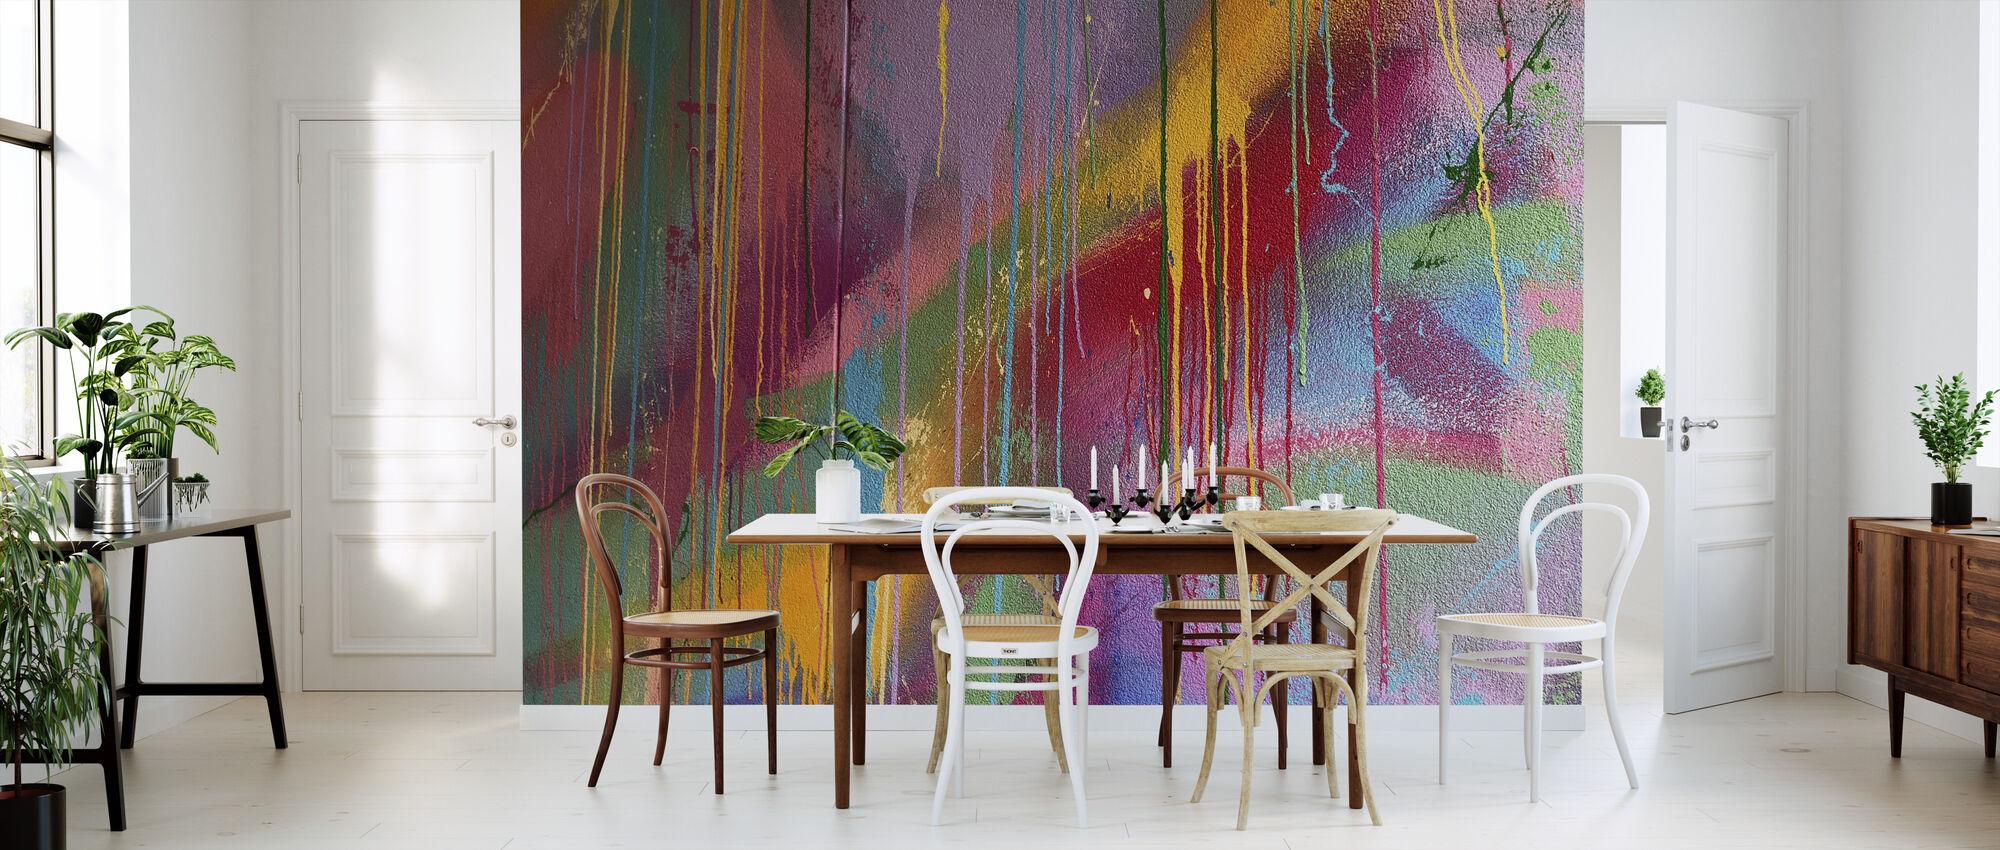 Colorful Wall Graffiti - Wallpaper - Kitchen